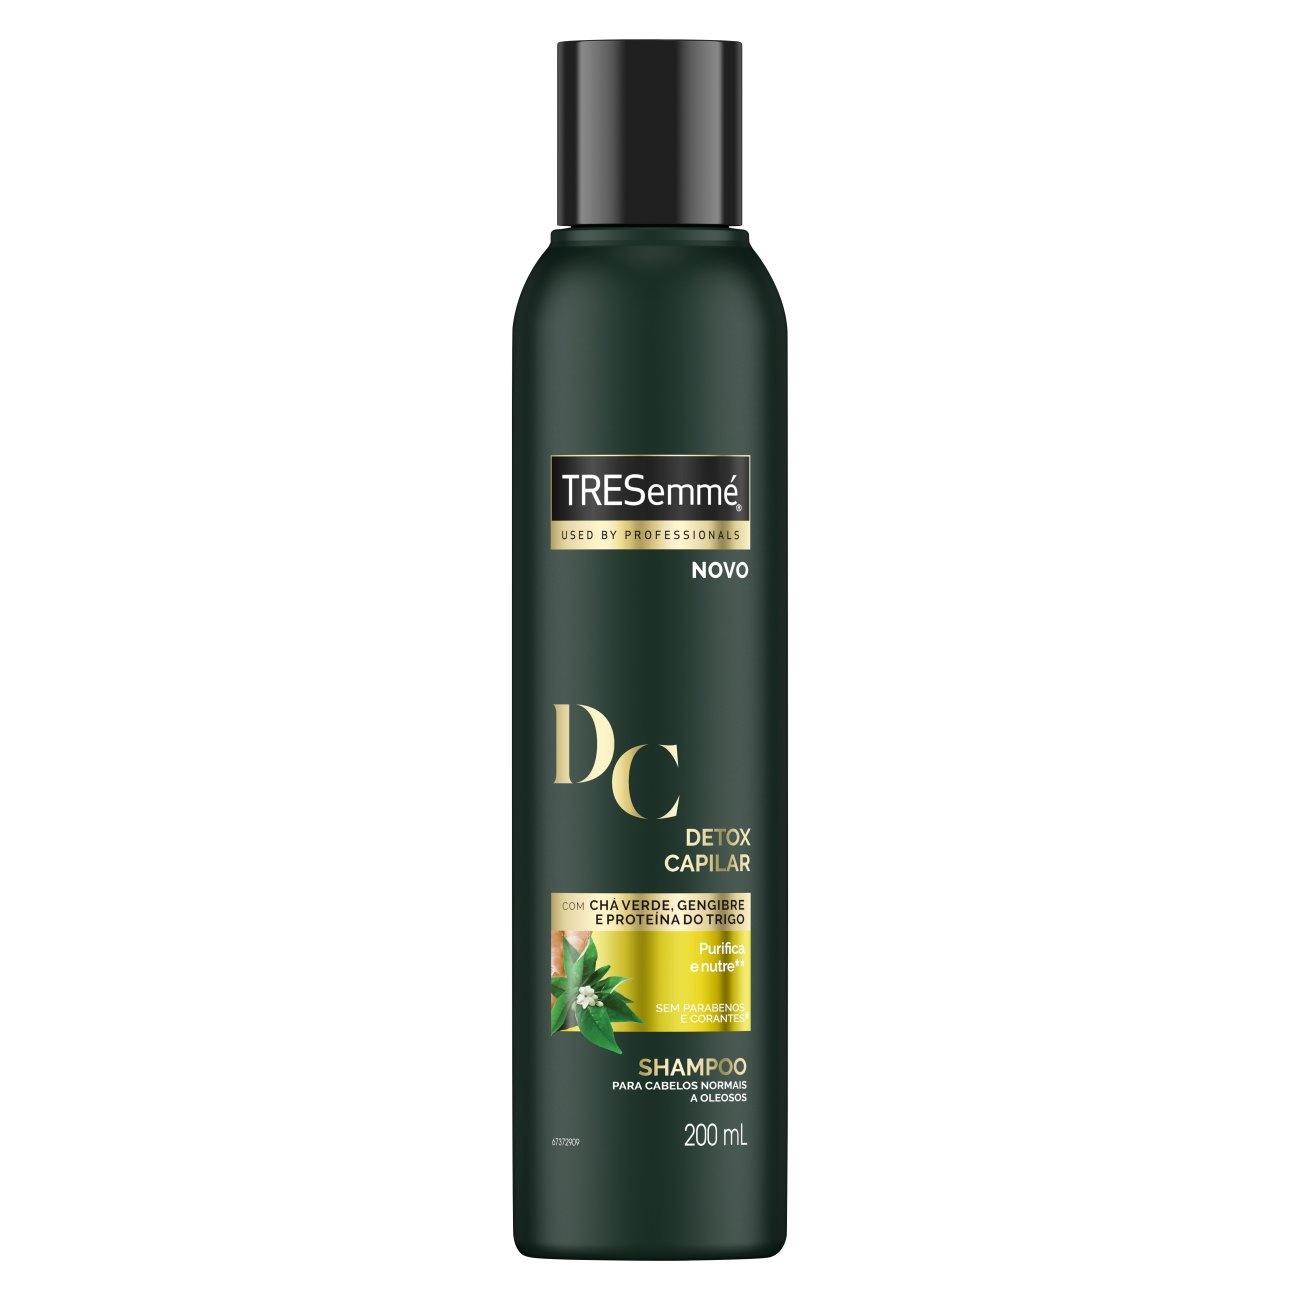 Shampoo Tresemmé Detox Capilar 200ml